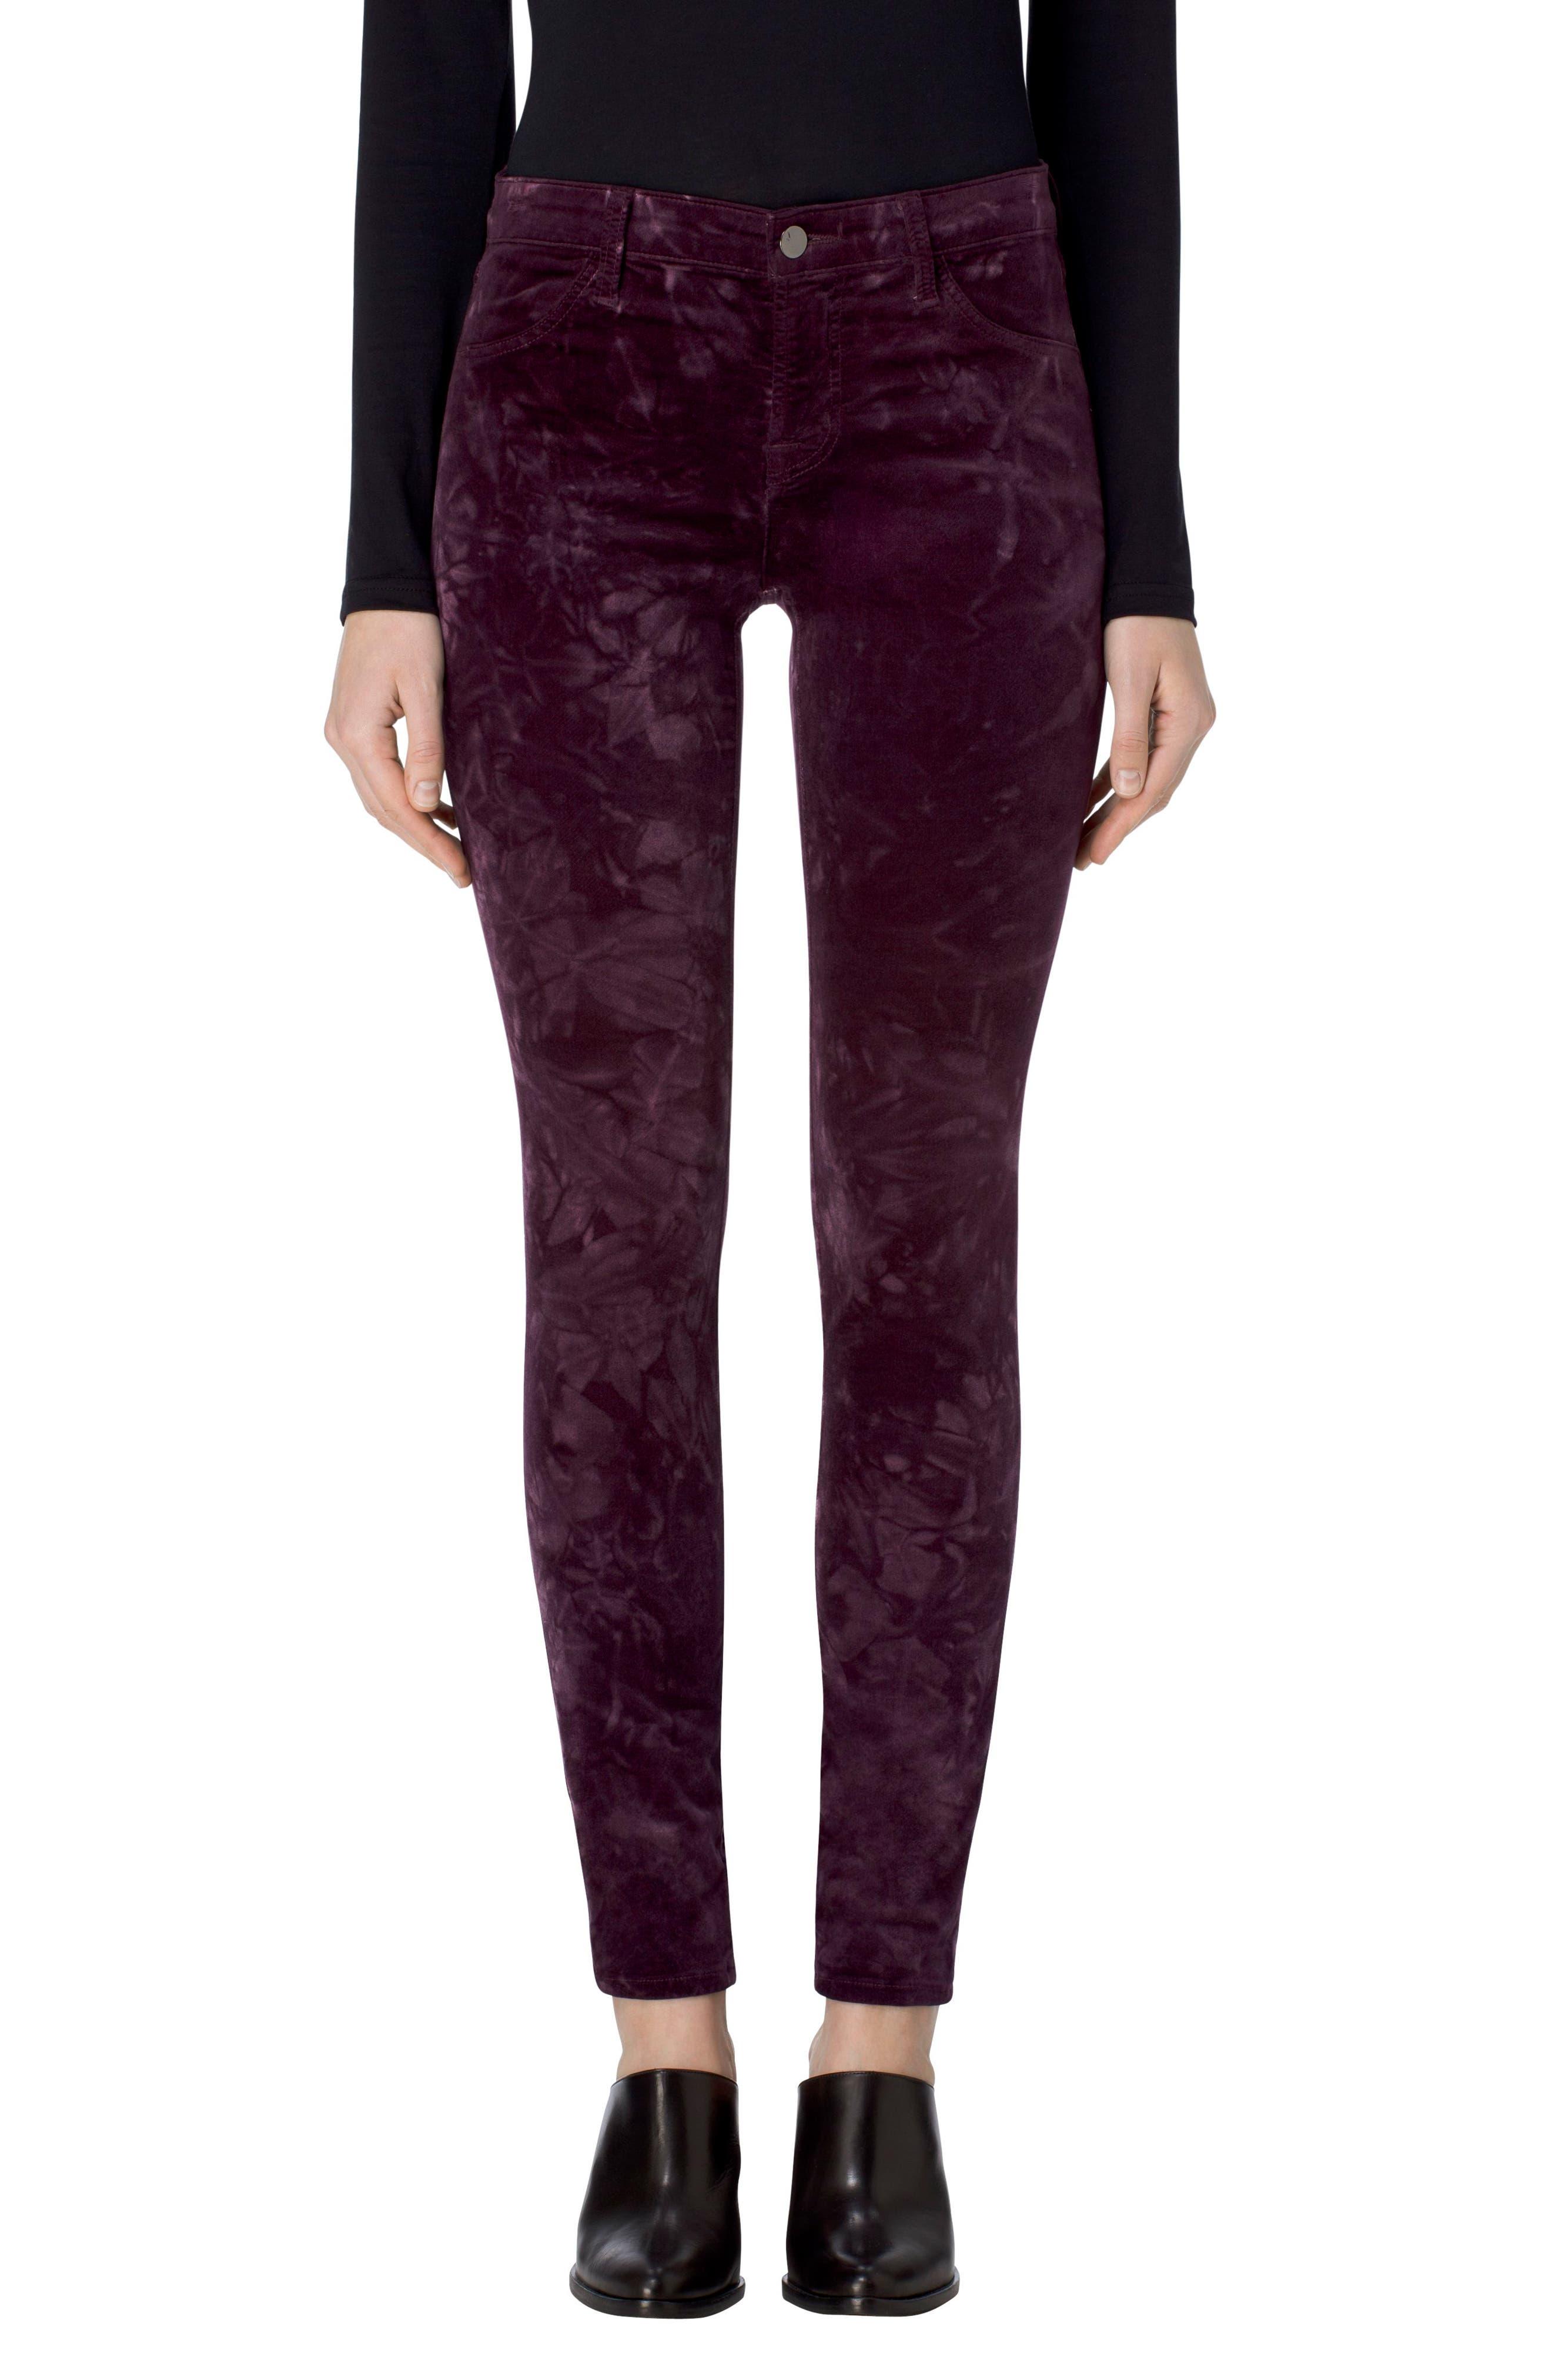 Alternate Image 1 Selected - J Brand '815' Mid Rise Velveteen Super Skinny Jeans